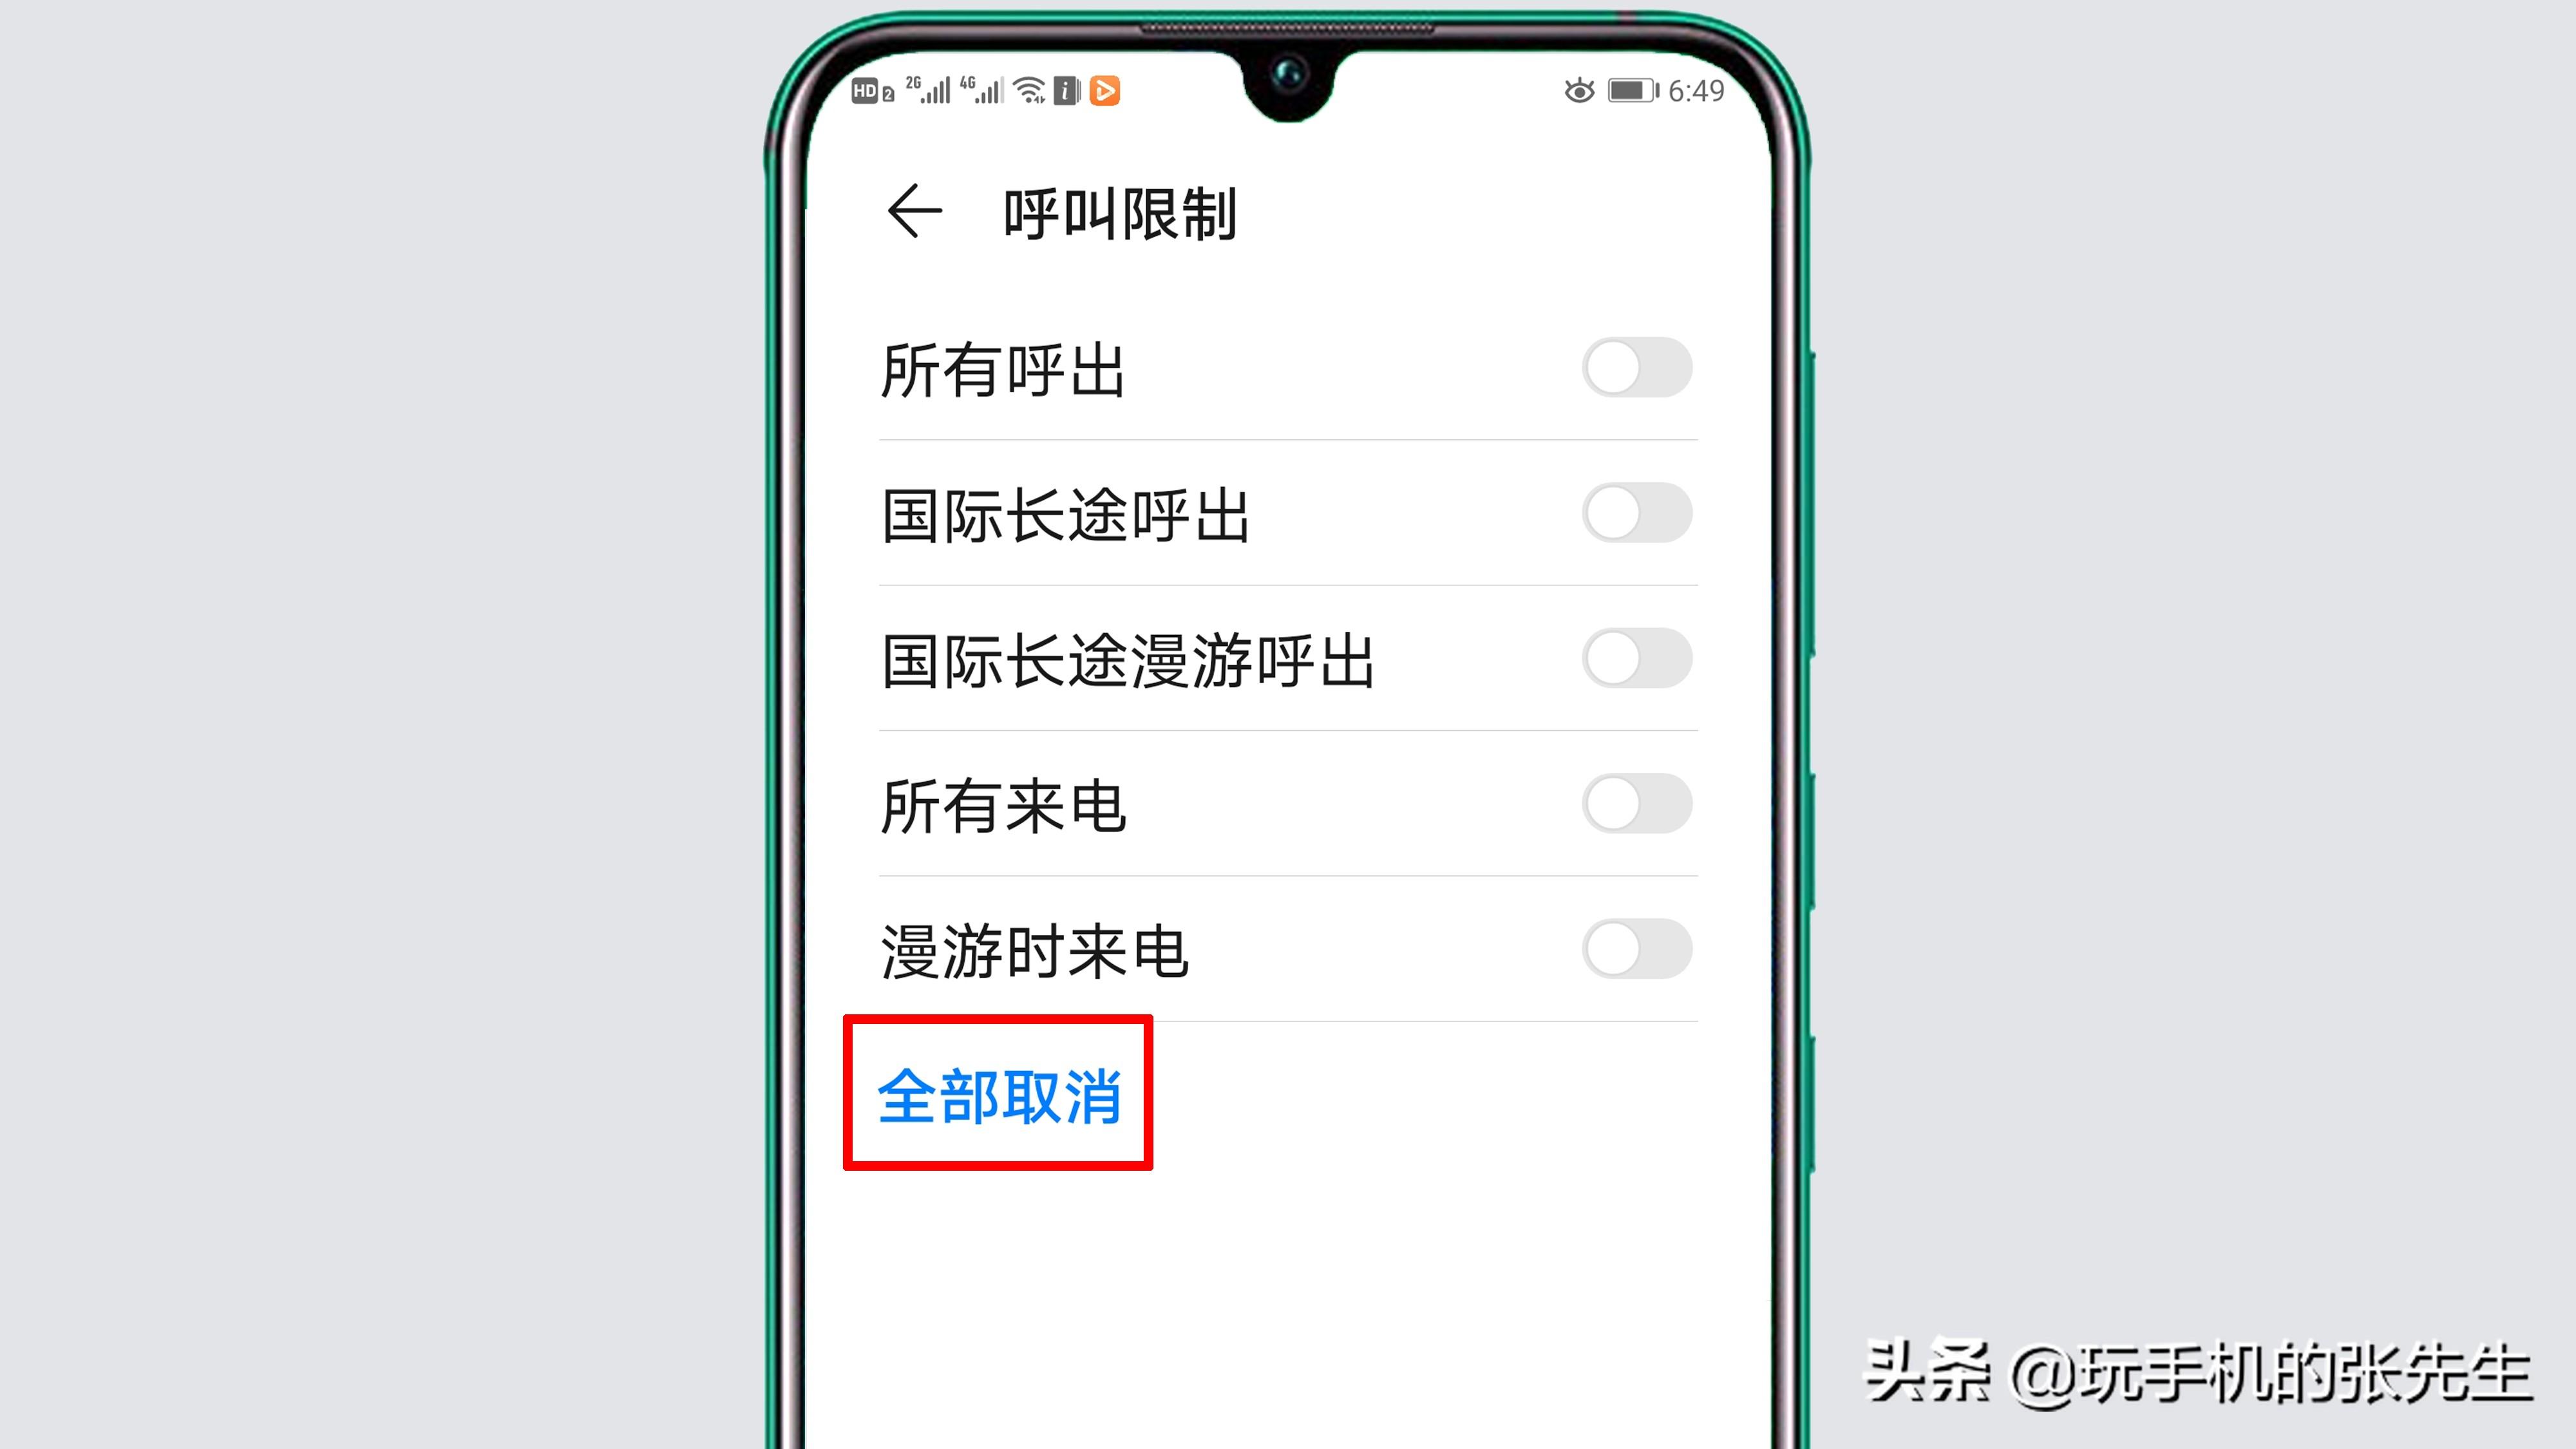 联通呼叫限制如何解除(联通卡呼叫限制解除密码)